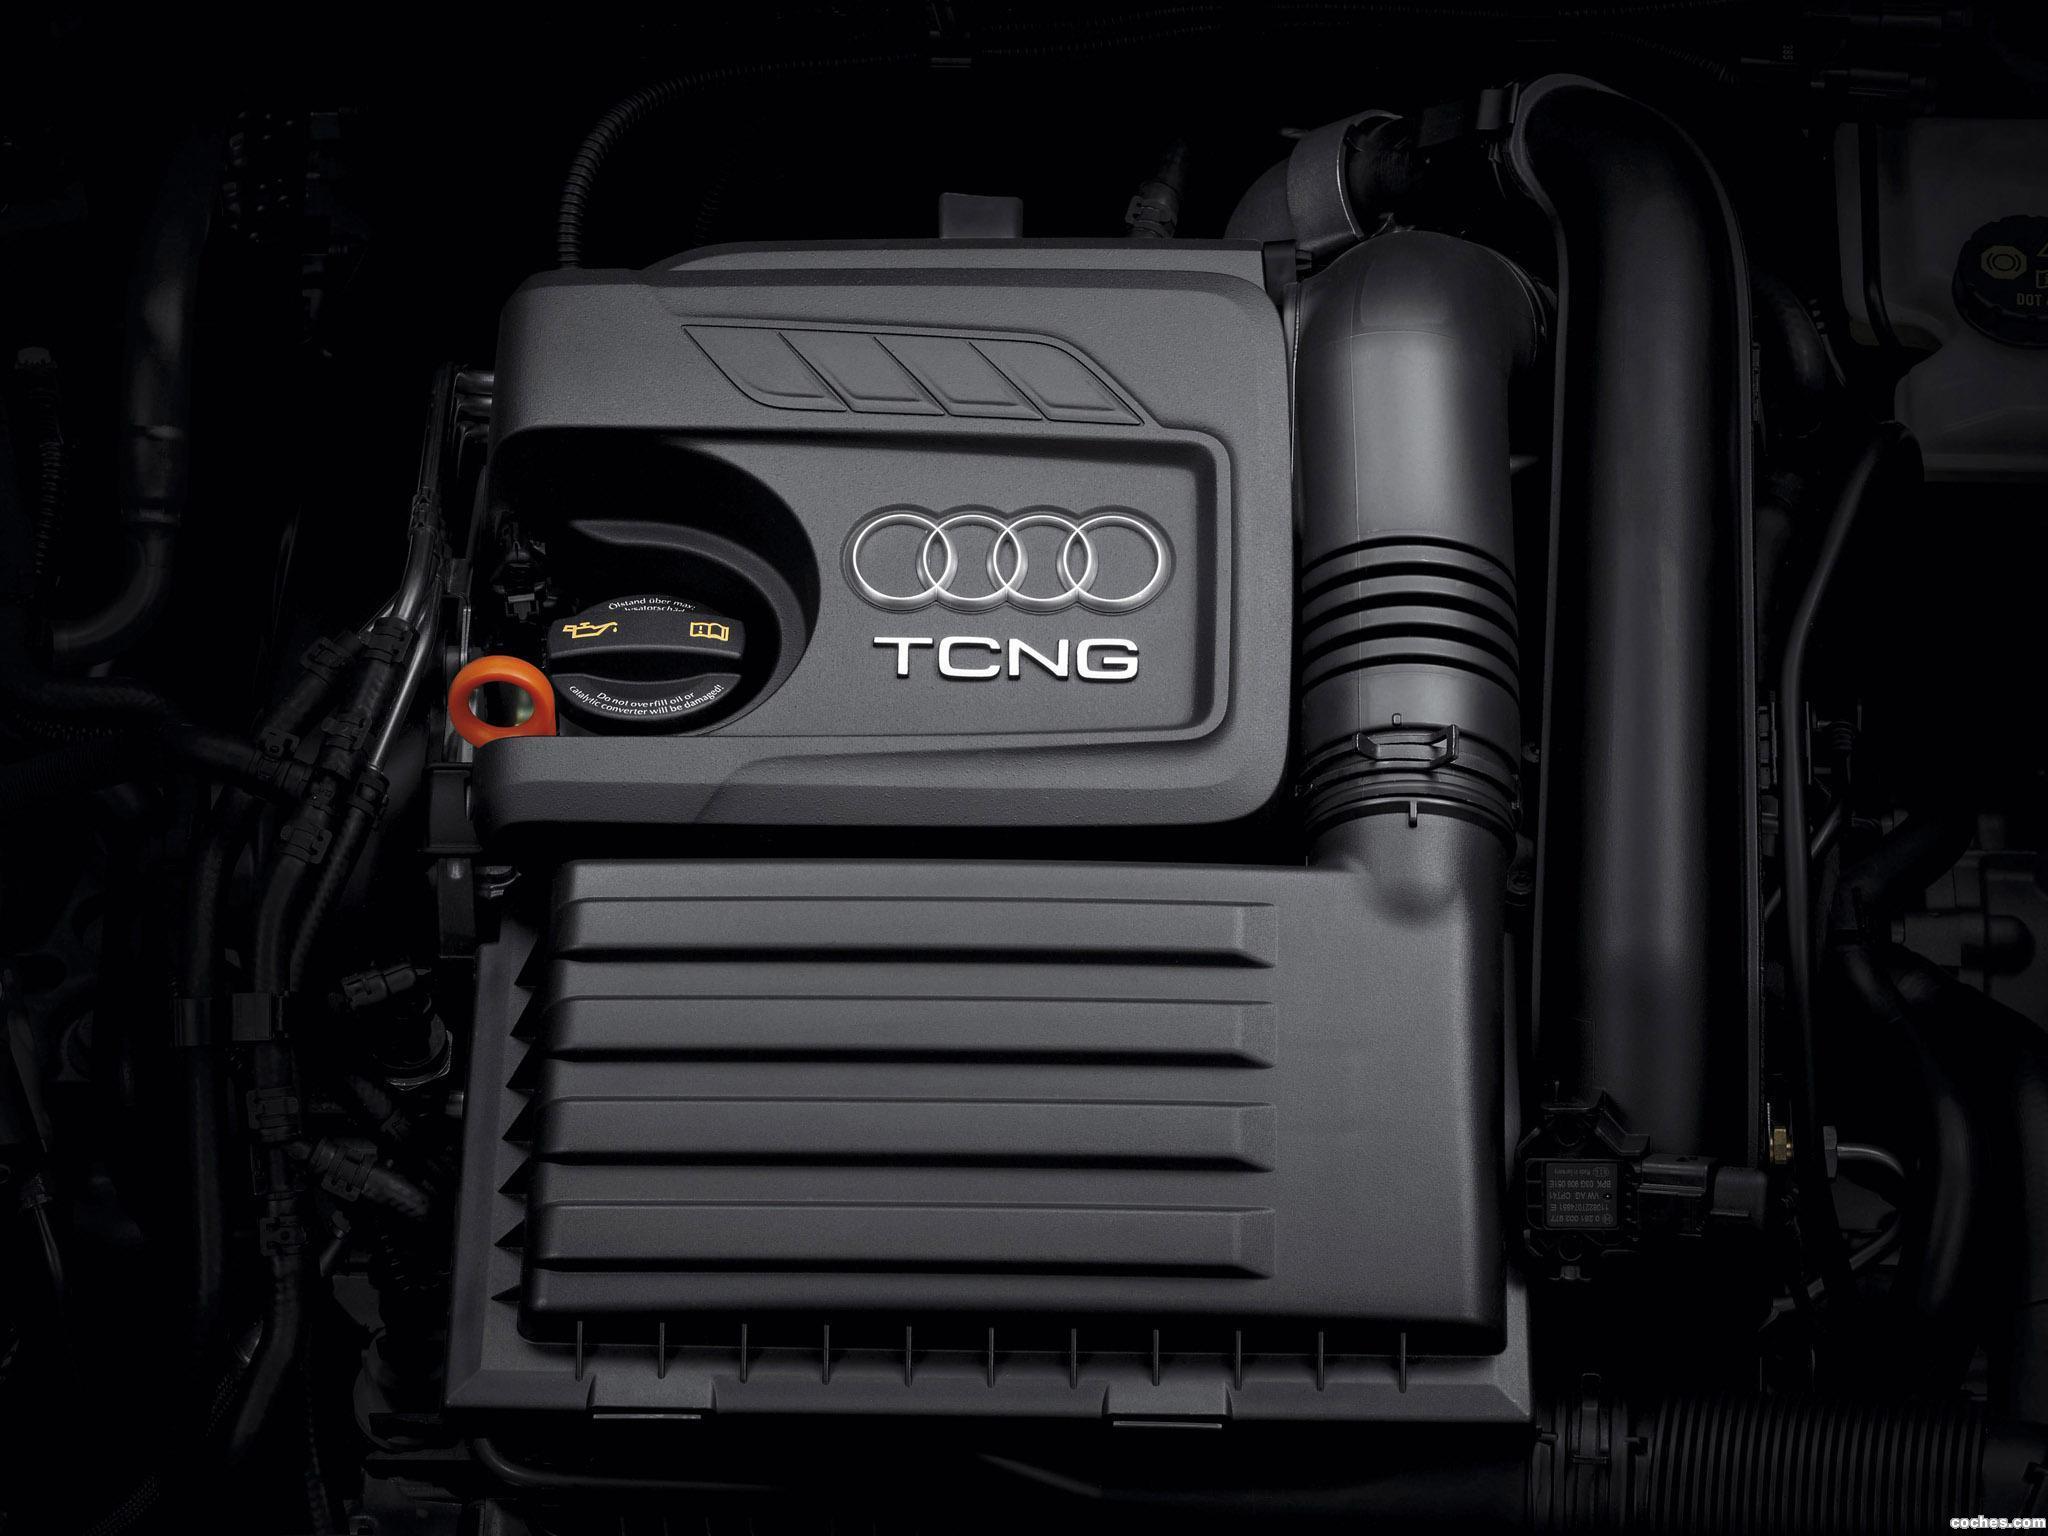 Foto 4 de Audi A3 Sportback TCNG 2013